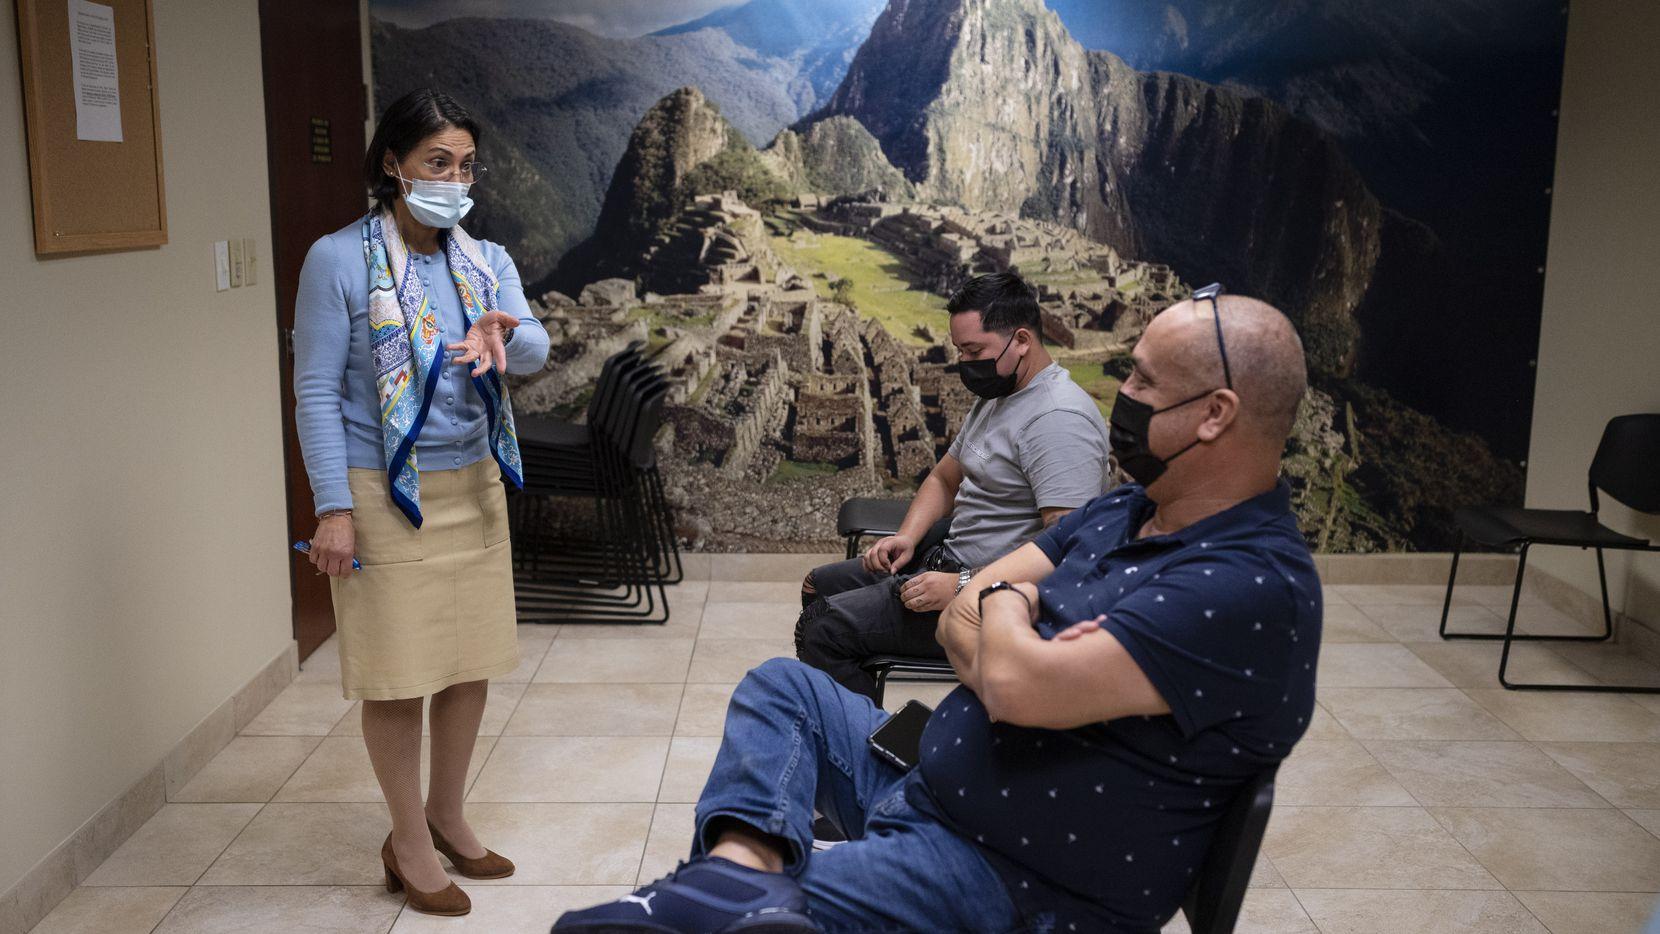 Perú celebrará elecciones generales este domingo 11 de abril y los peruanos en el extranjero también deben acudir a votar. En la imagen, Liliana Trelles (izq.), cónsul general de Perú en Dallas, habla con algunas personas en la sede diplomática.